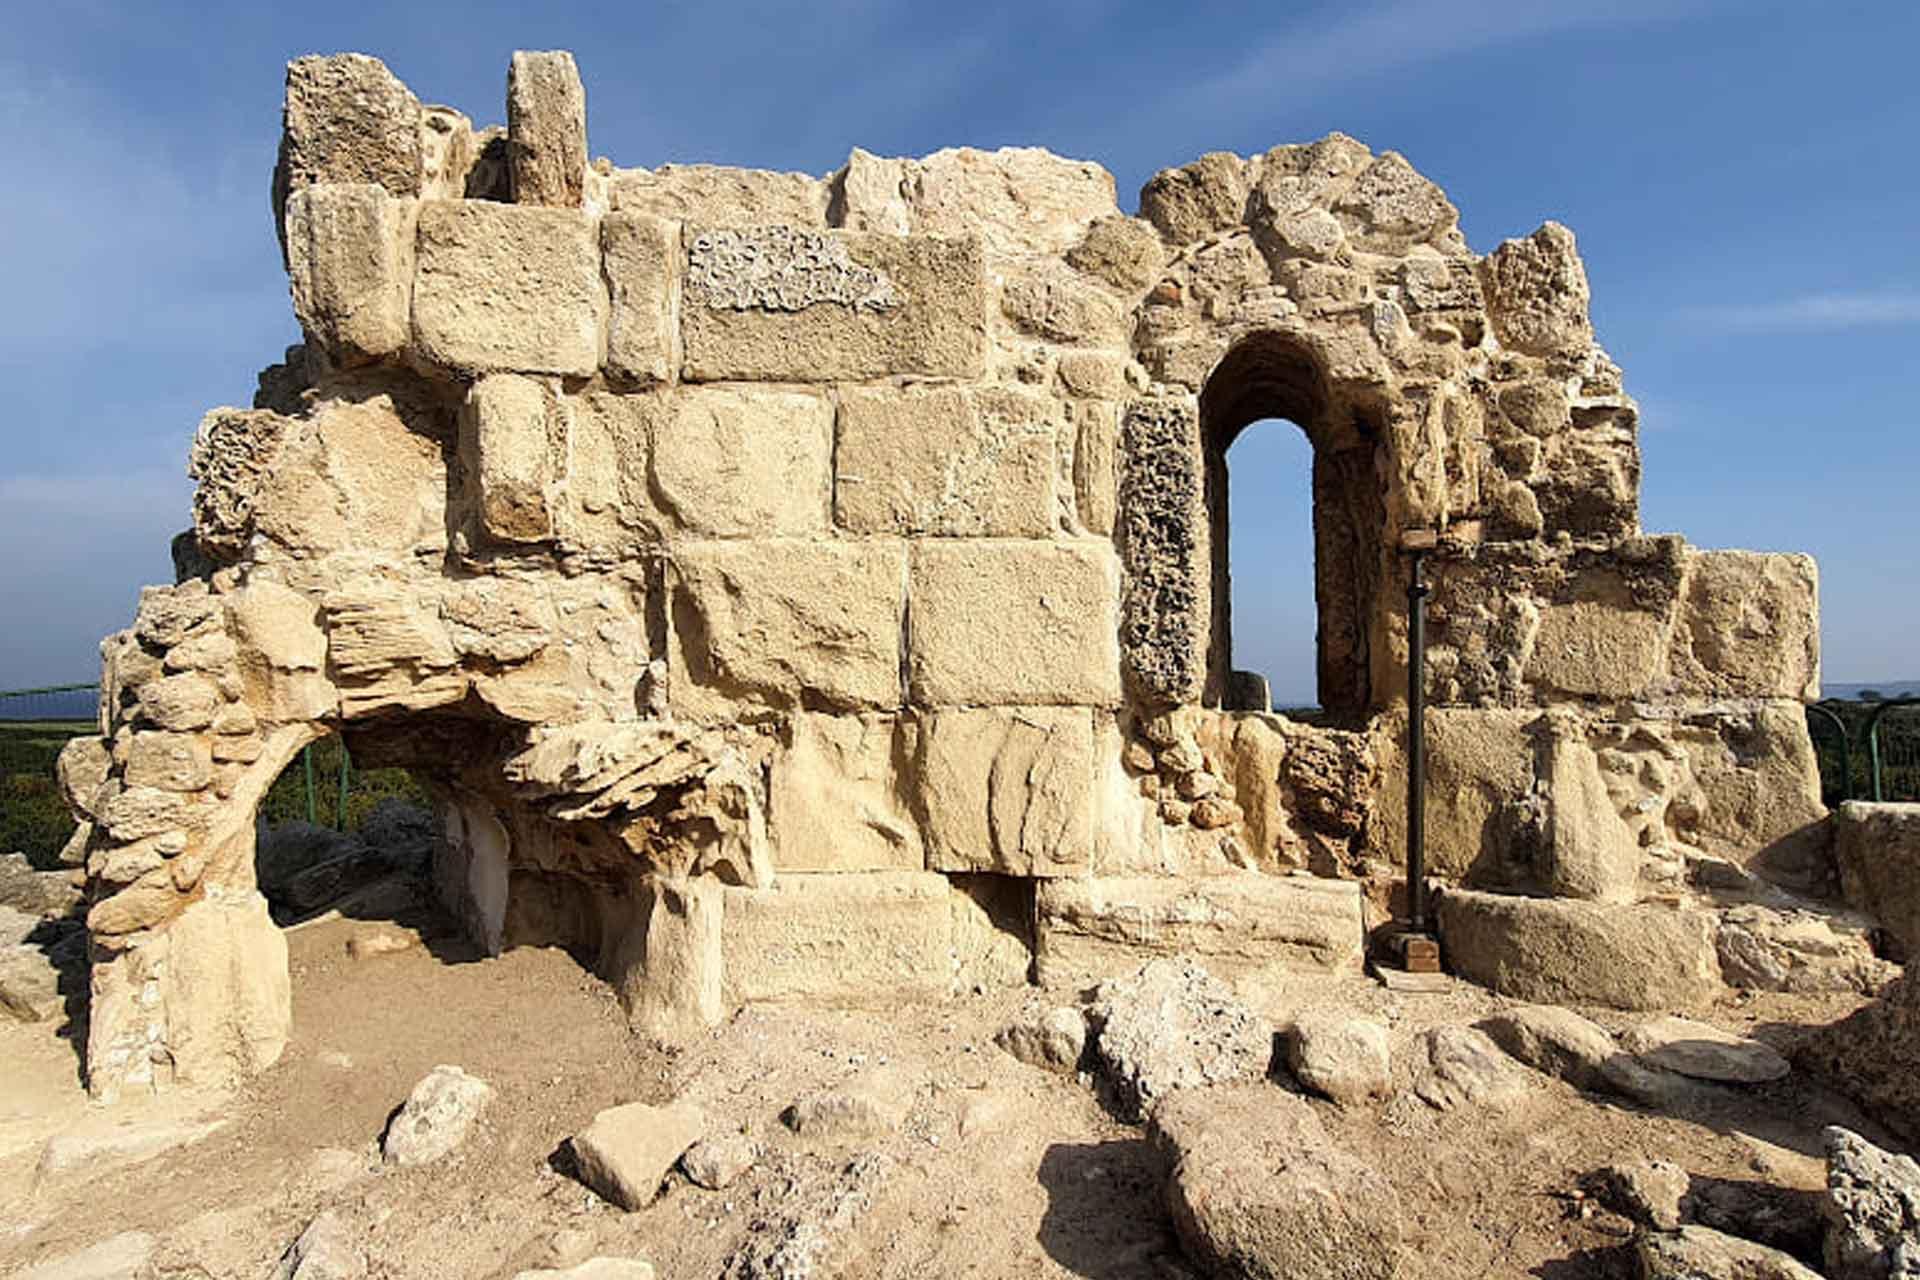 Efendrika Arkeolojik alanındaki çalışmalar tamamlandı